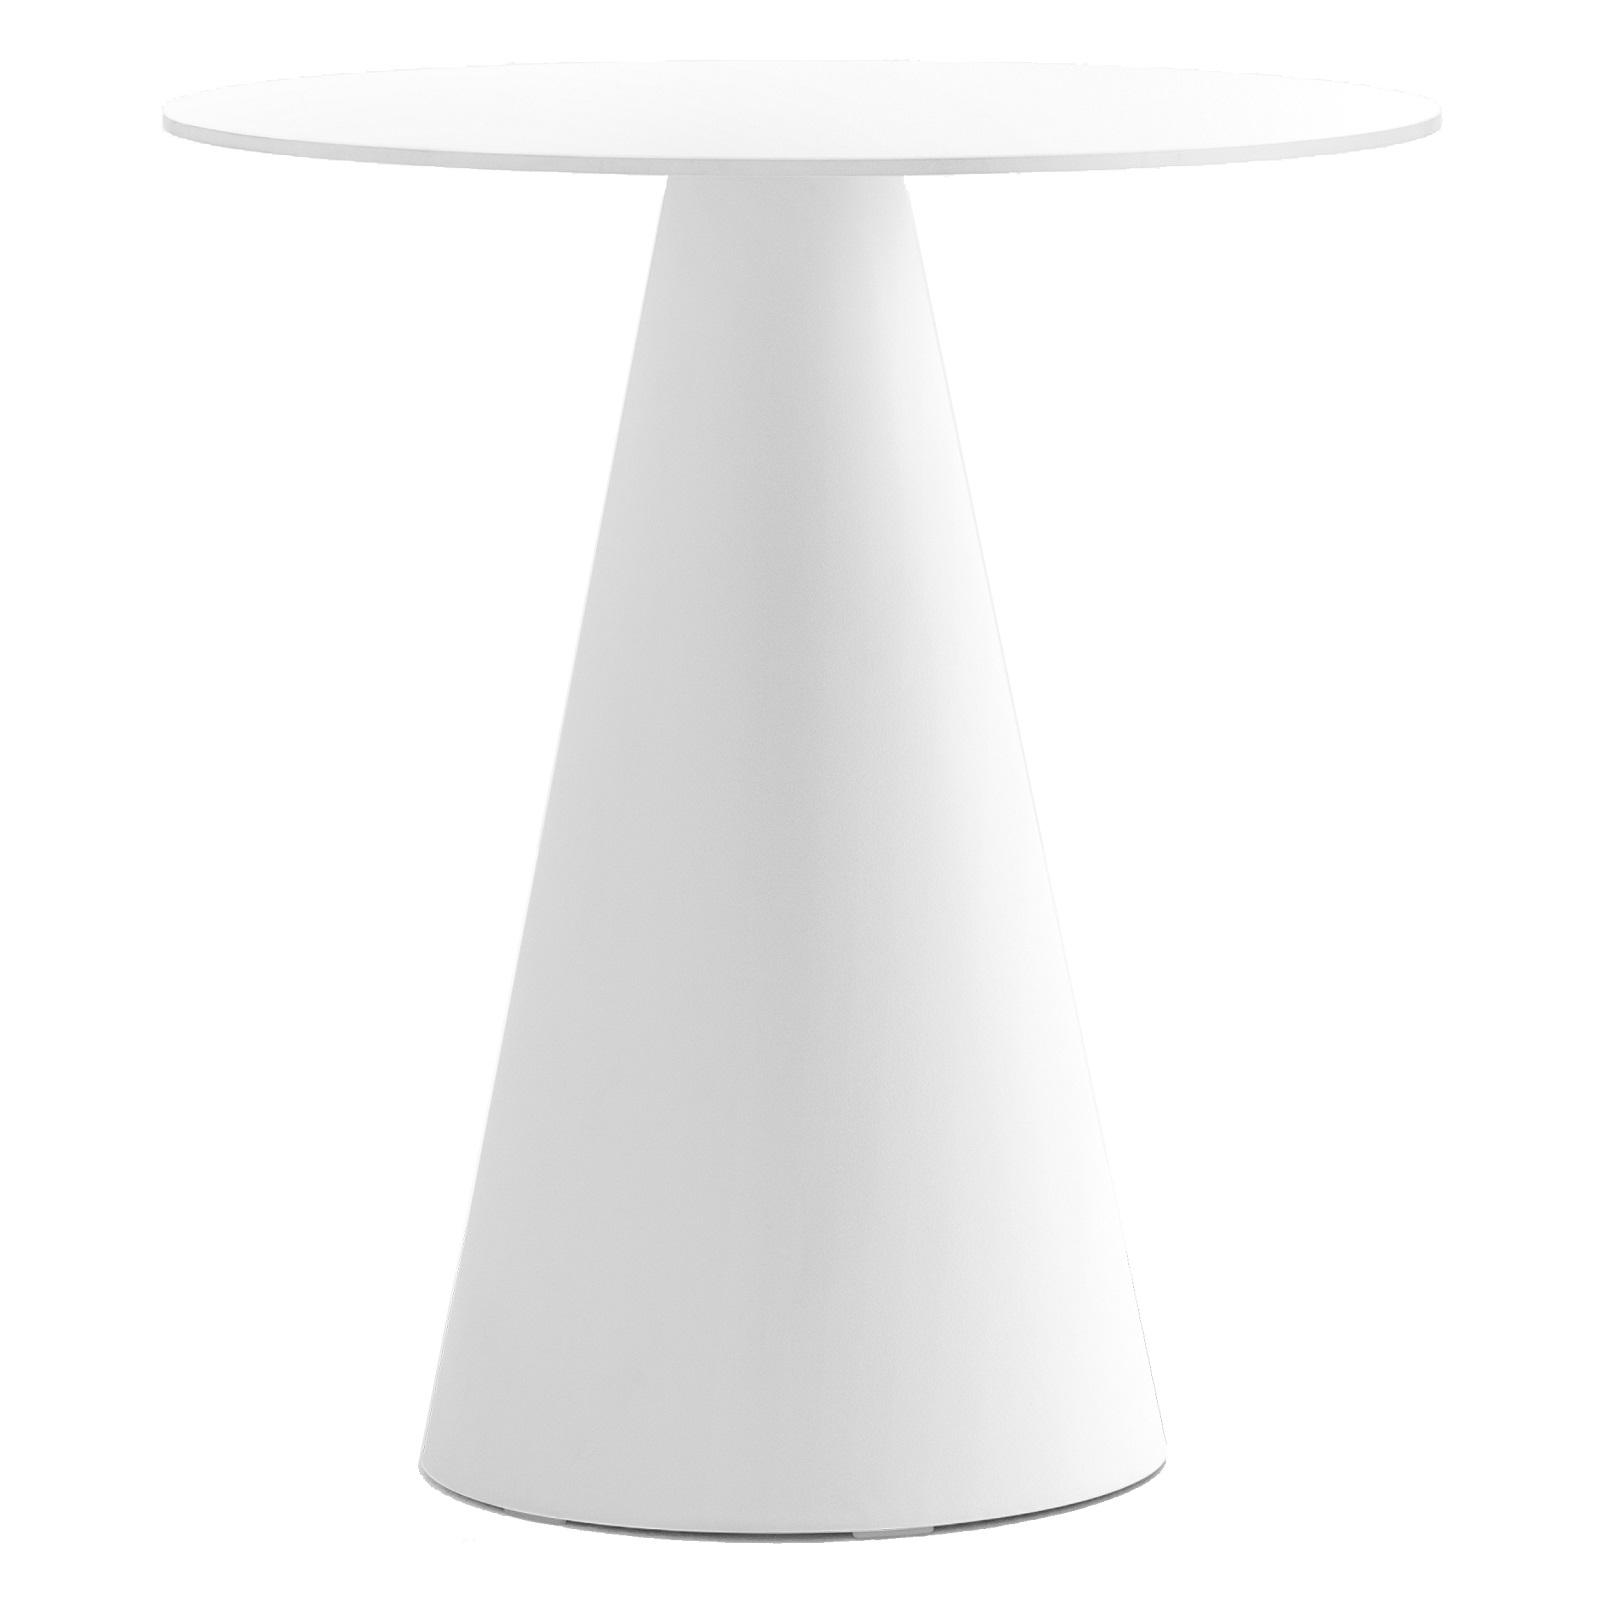 Pedrali designové jídelní stoly Ikon (průměr 89 cm)